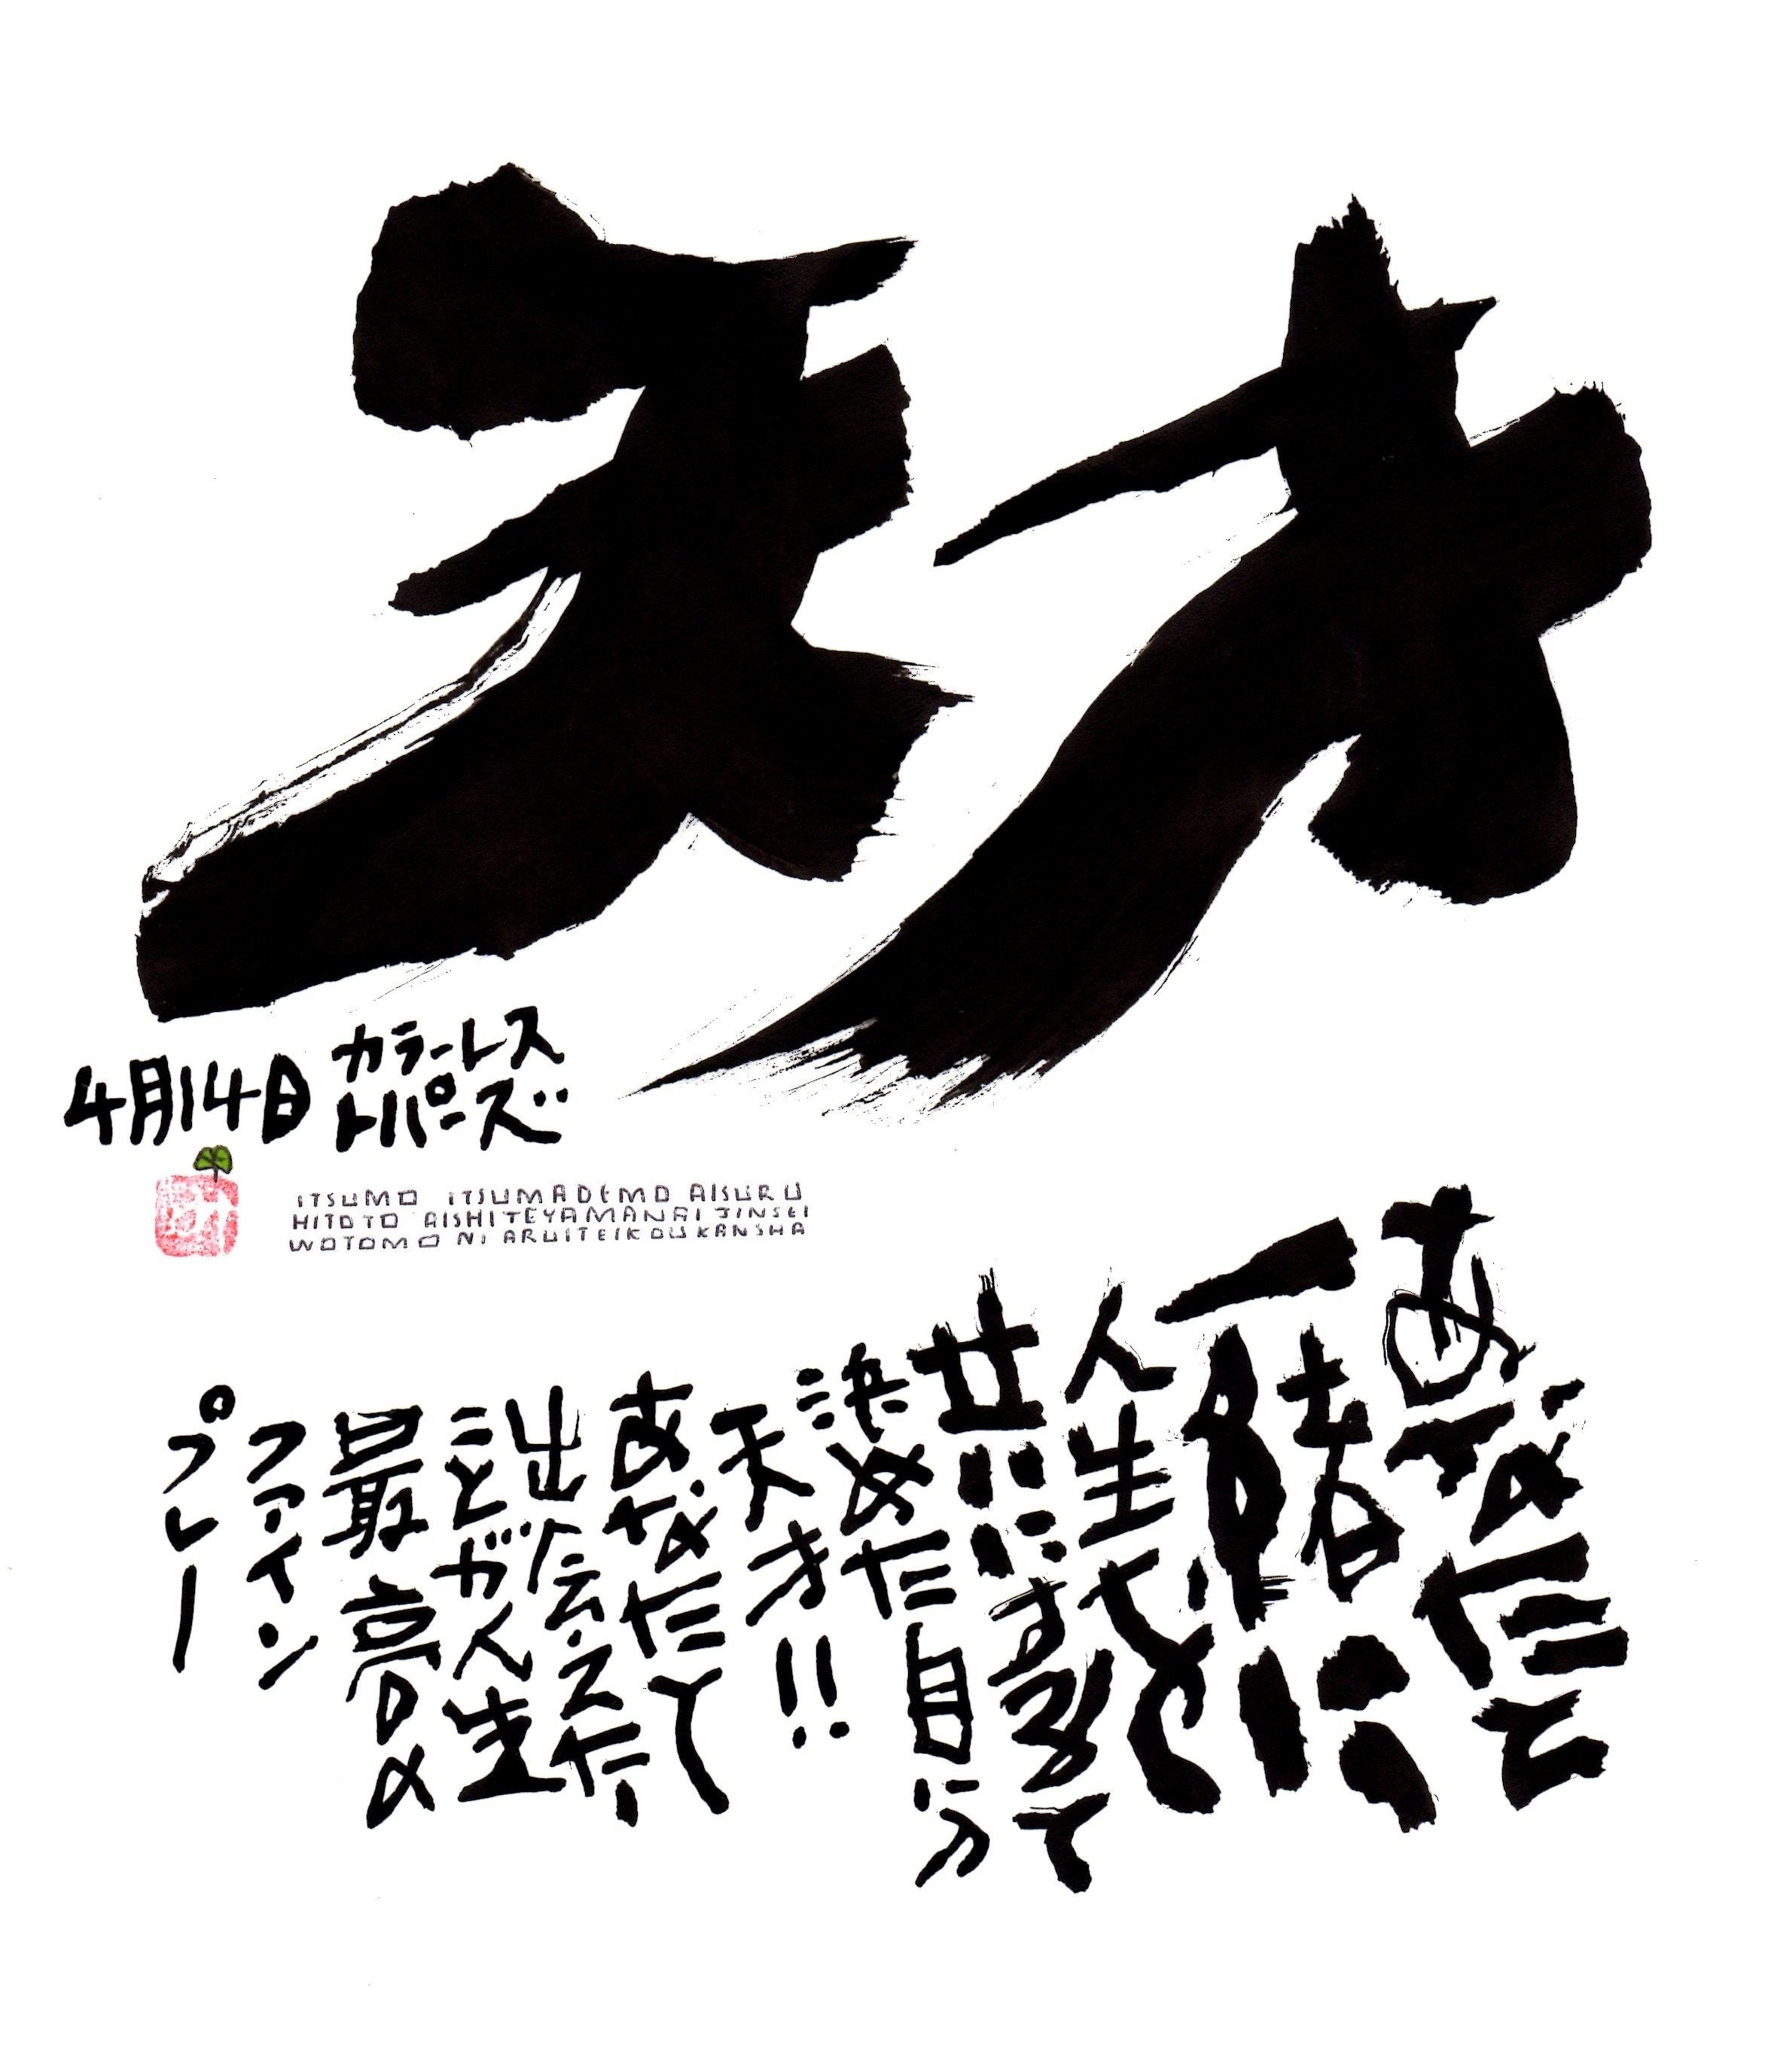 4月14日 結婚記念日ポストカード【天才】